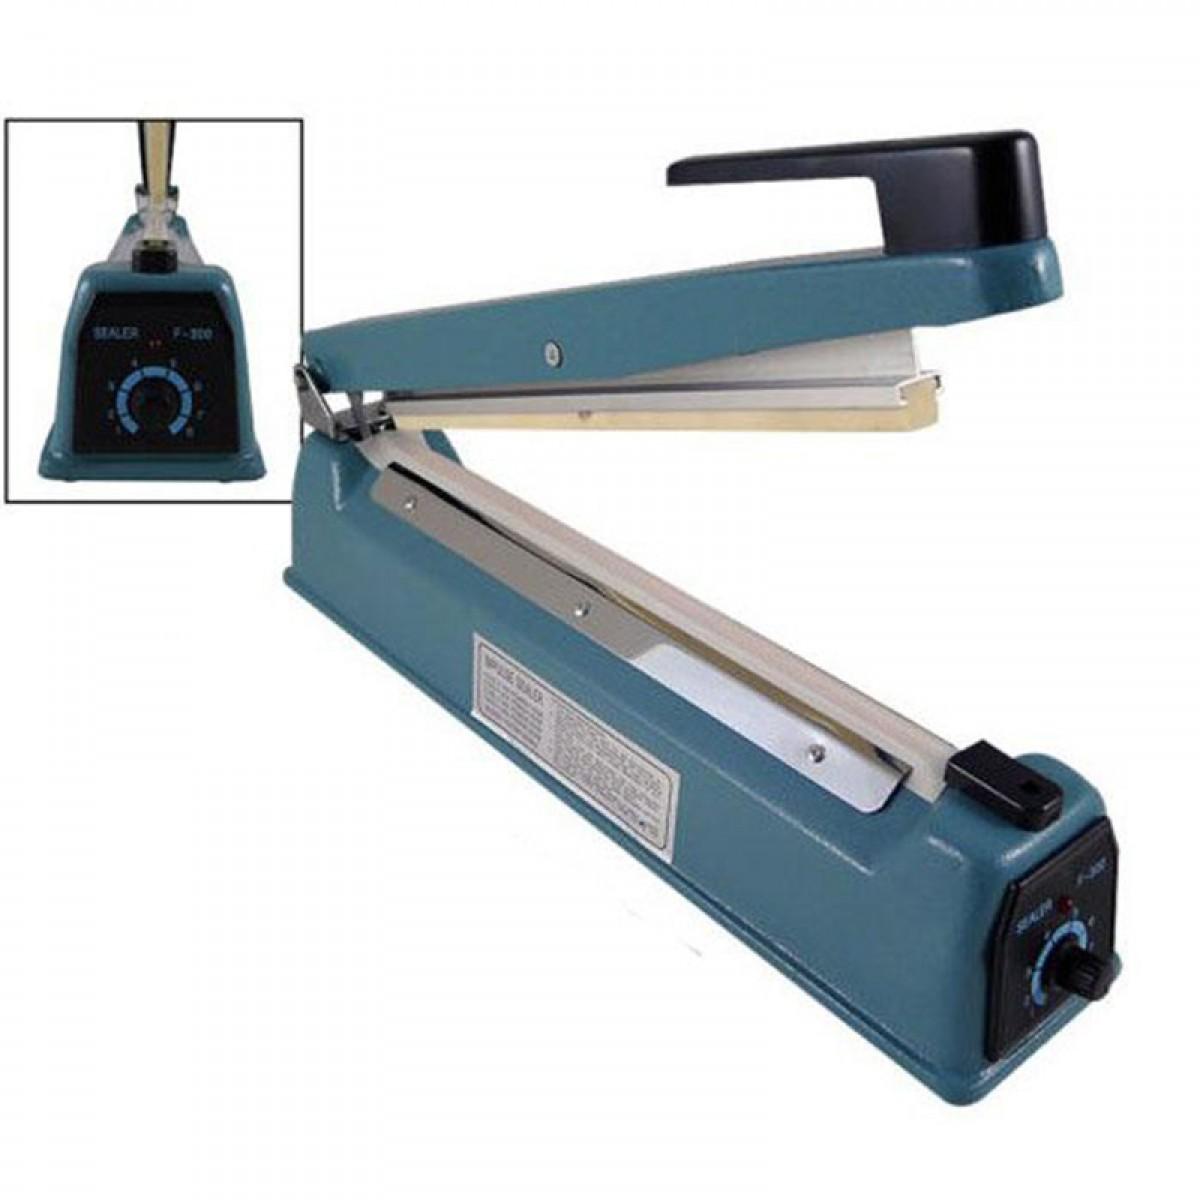 Επαγγελματικό θερμοκολλητικό σακούλας σιδερένιο FS-300 450W -OEM